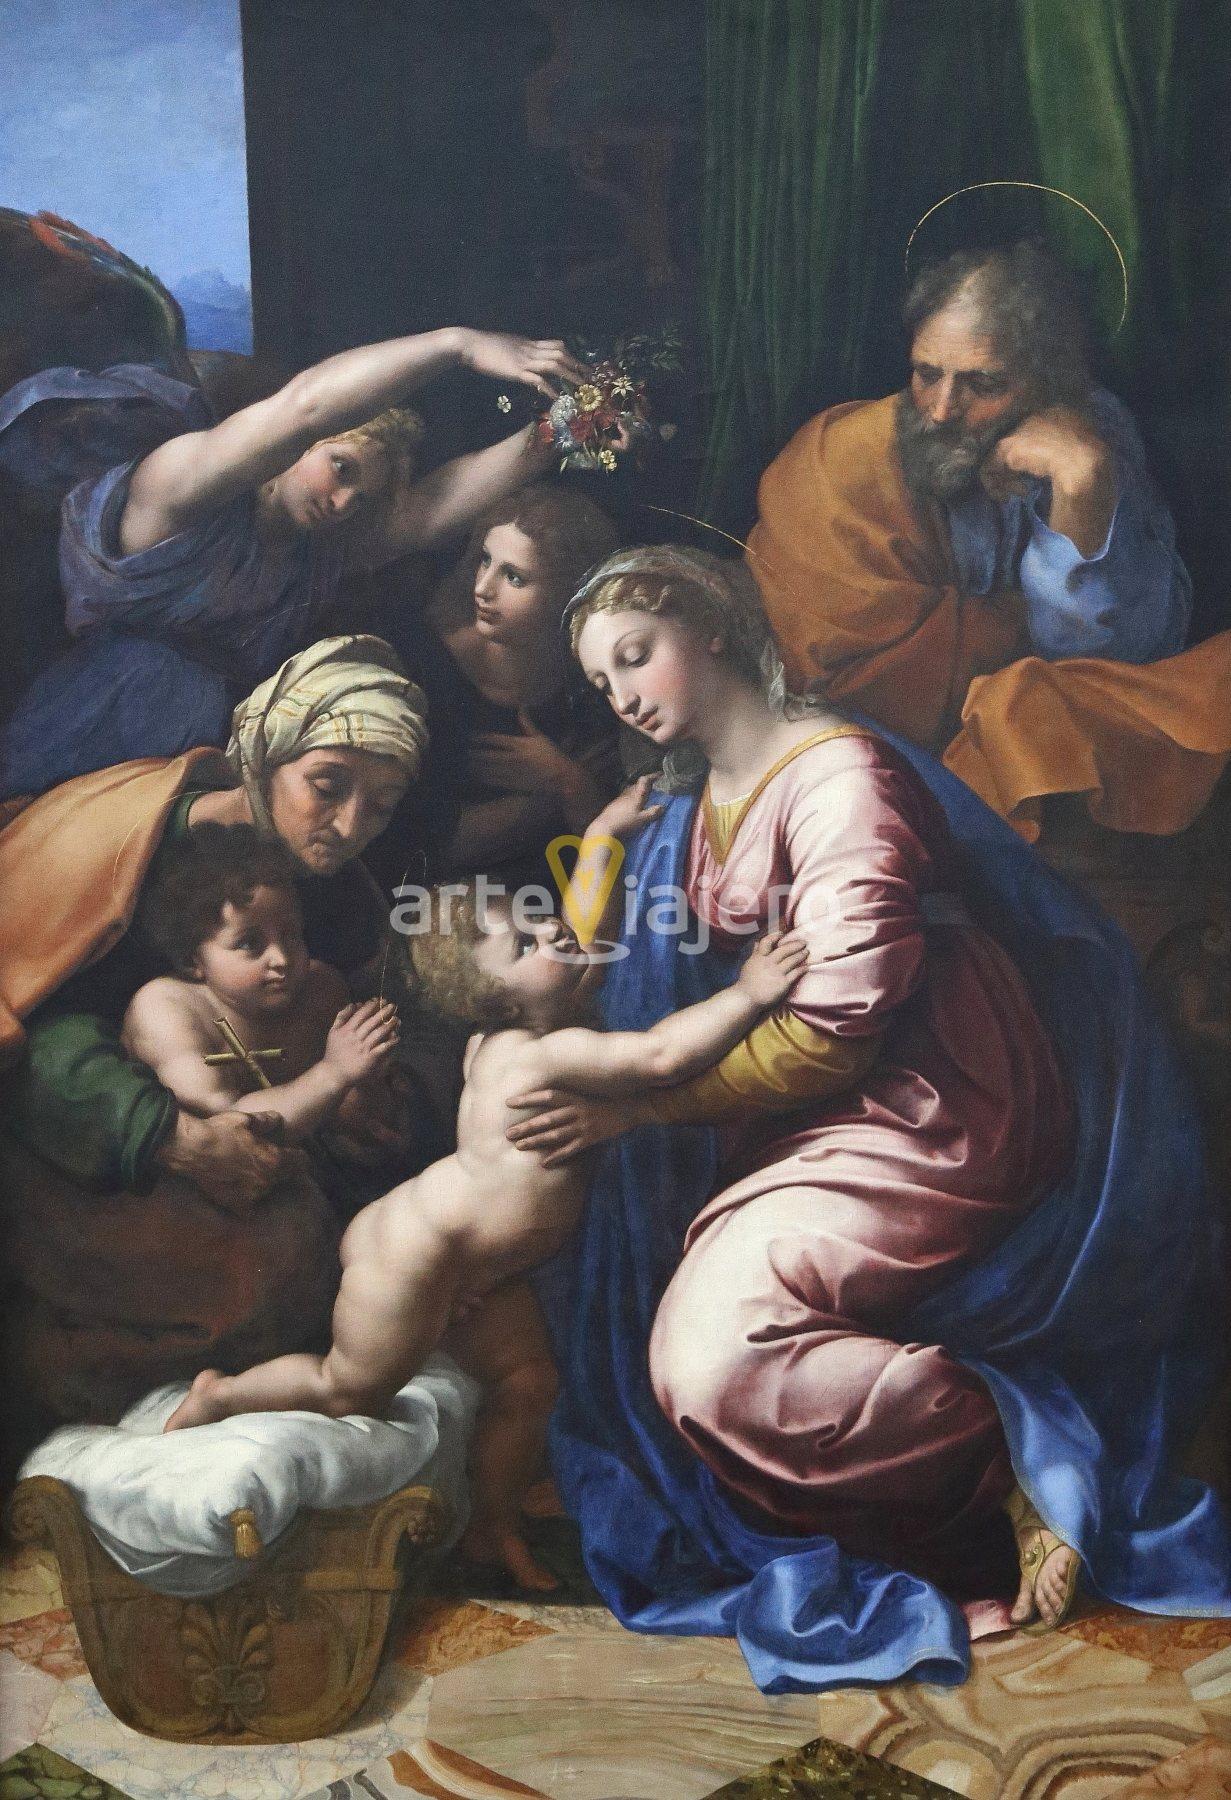 la sagrada familia de rafael